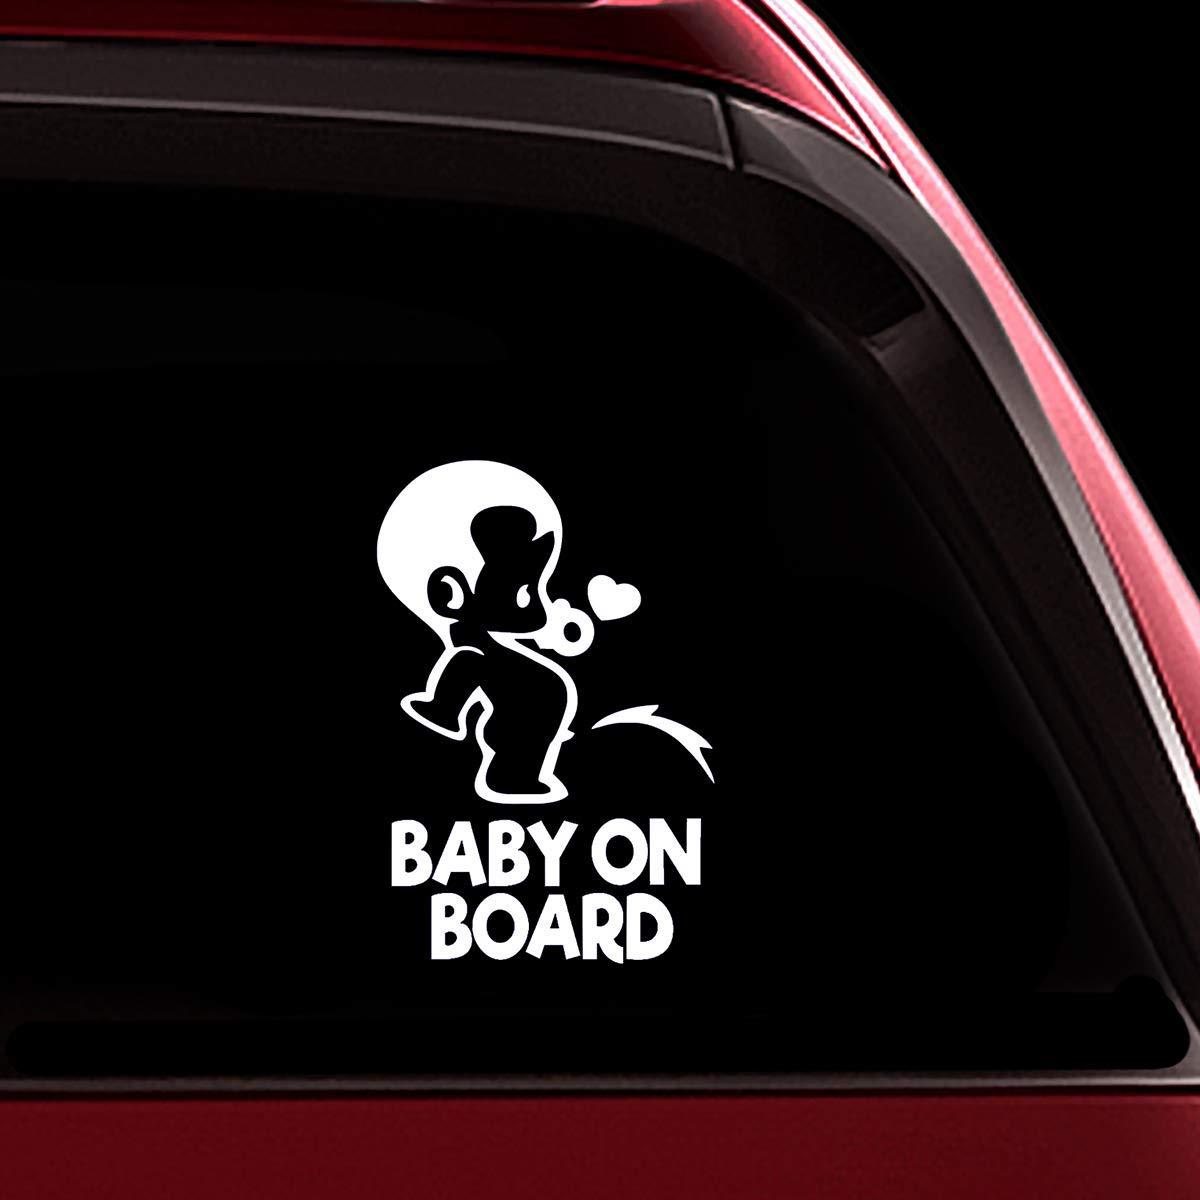 Totomo Ali 001 Baby An Bord Aufkleber Aufkleber Sicherheit Vorsicht Zeichen Für Autofenster Carlos Aus Dem Hangover Lustige Aufkleber Autoaufkleber Baby